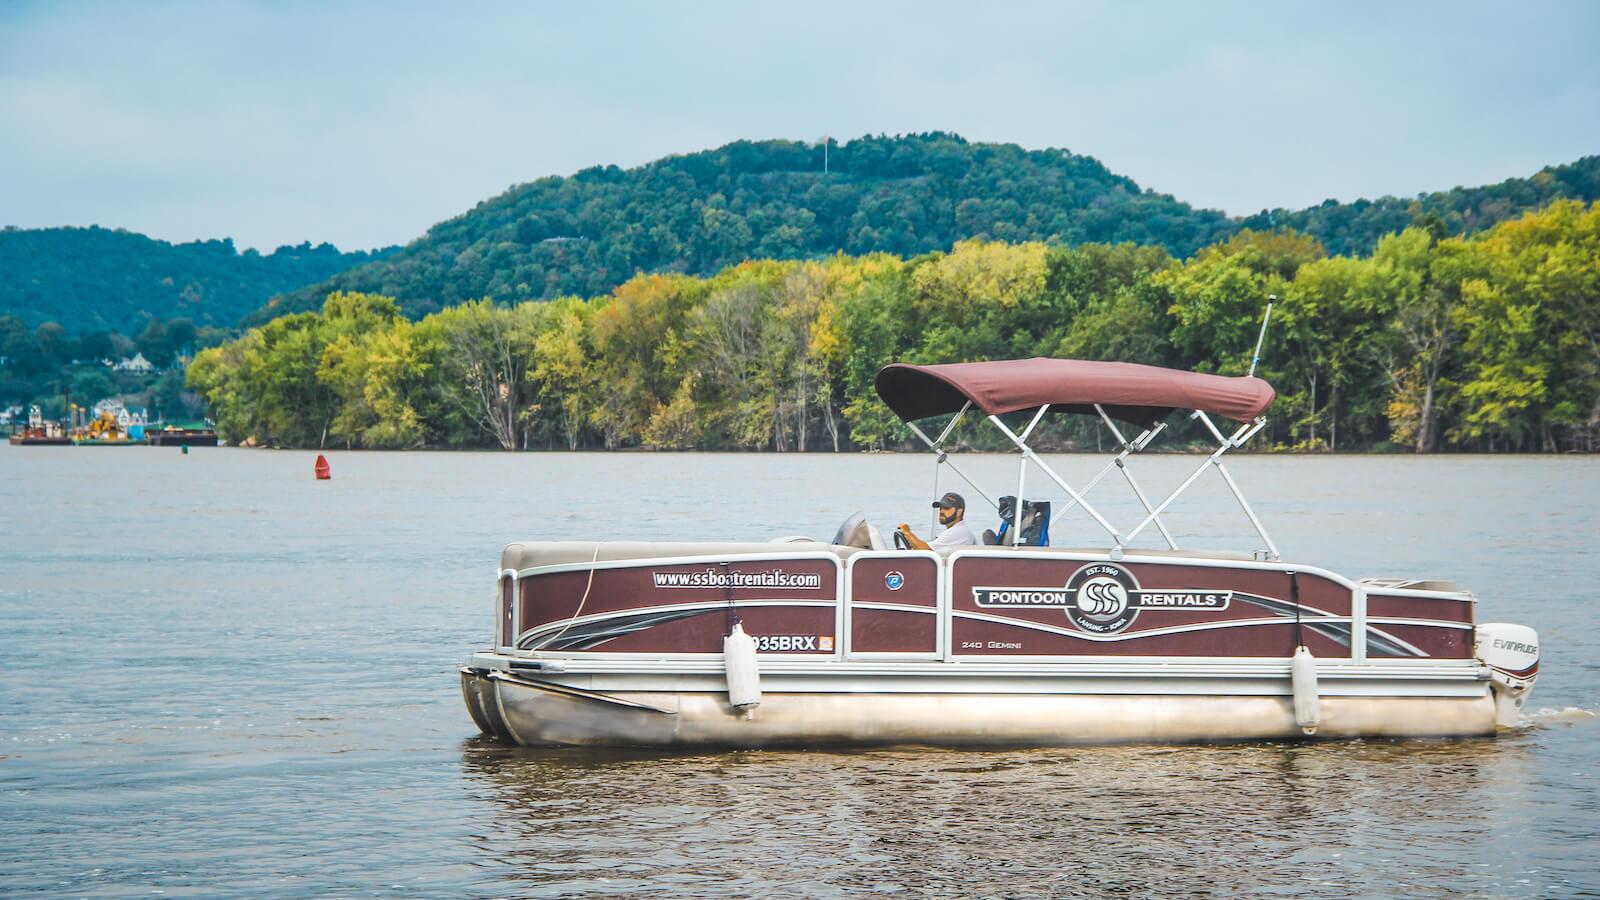 S&S Rentals pontoon boat